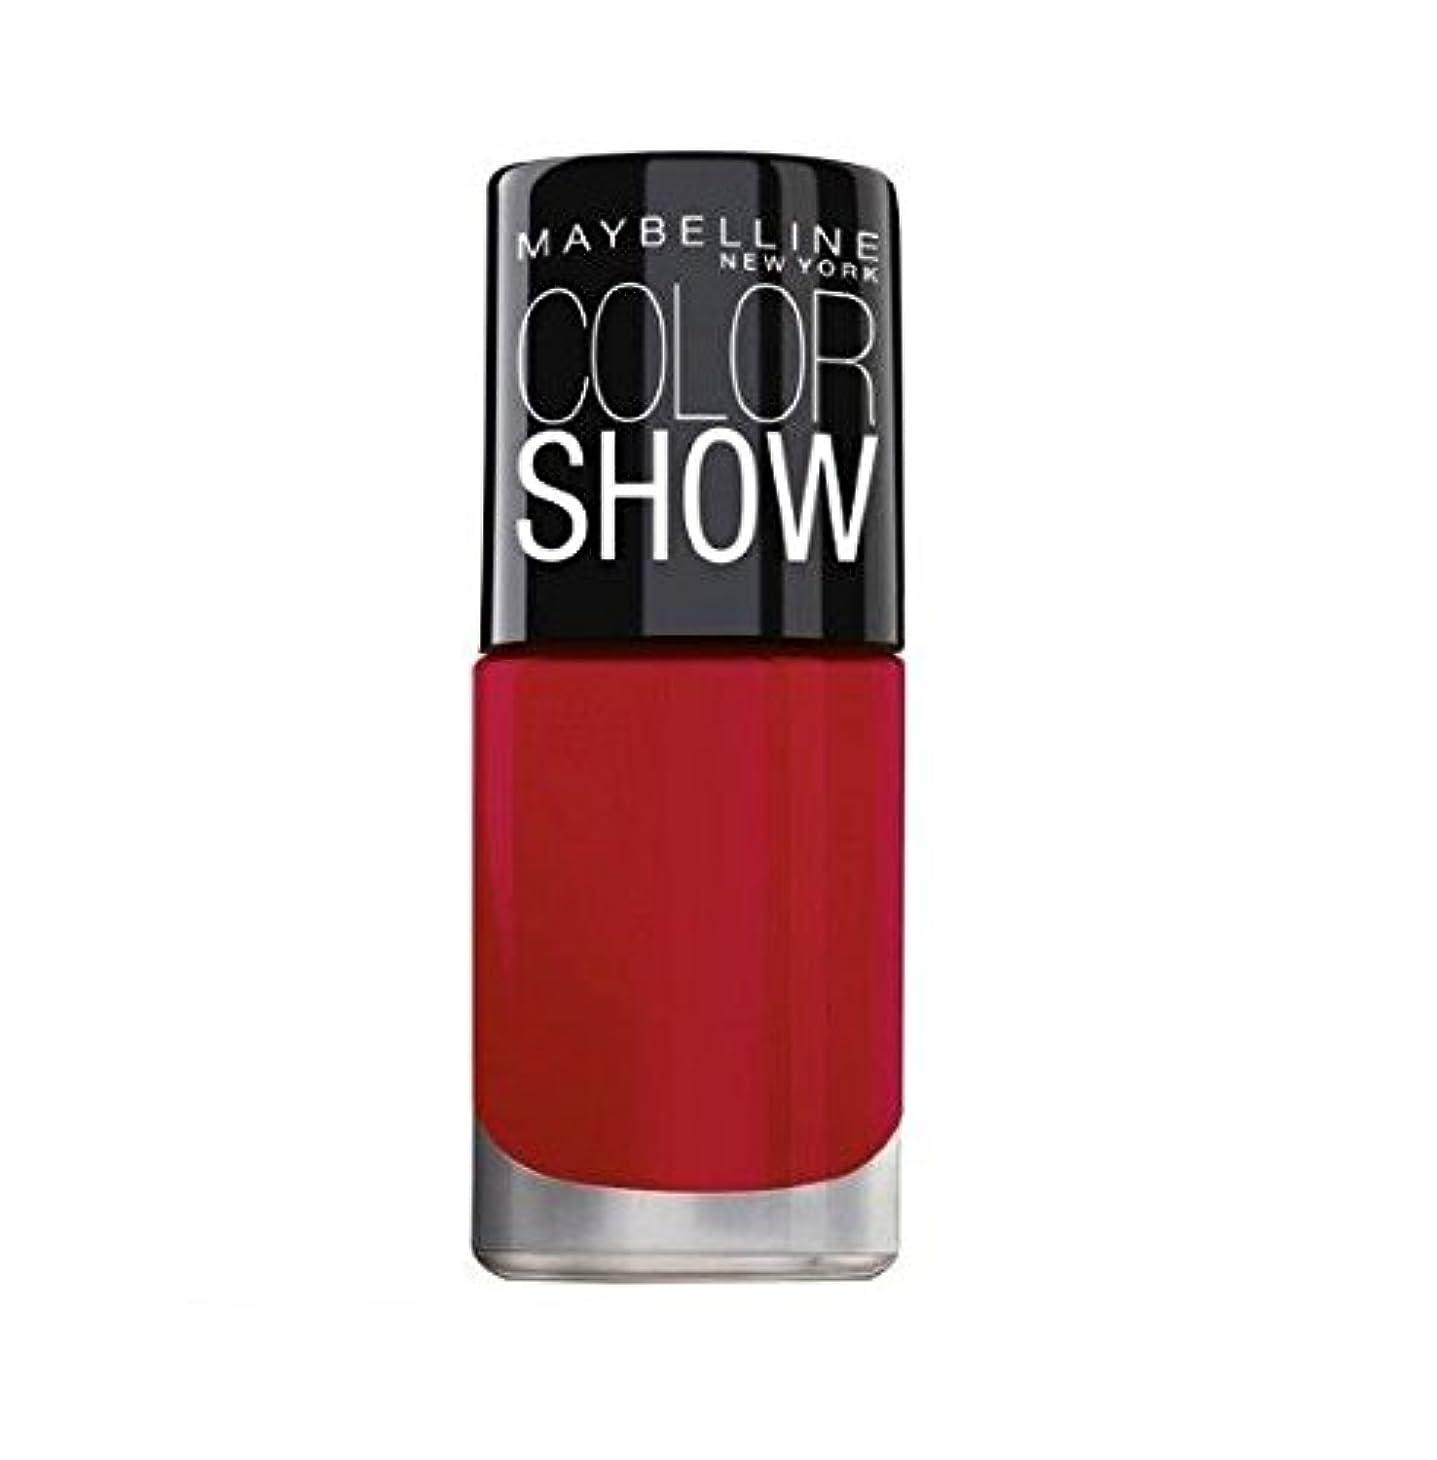 再撮り衣服エクステントMaybelline Color Show Bright Sparks, Power of Red 708, 6ml